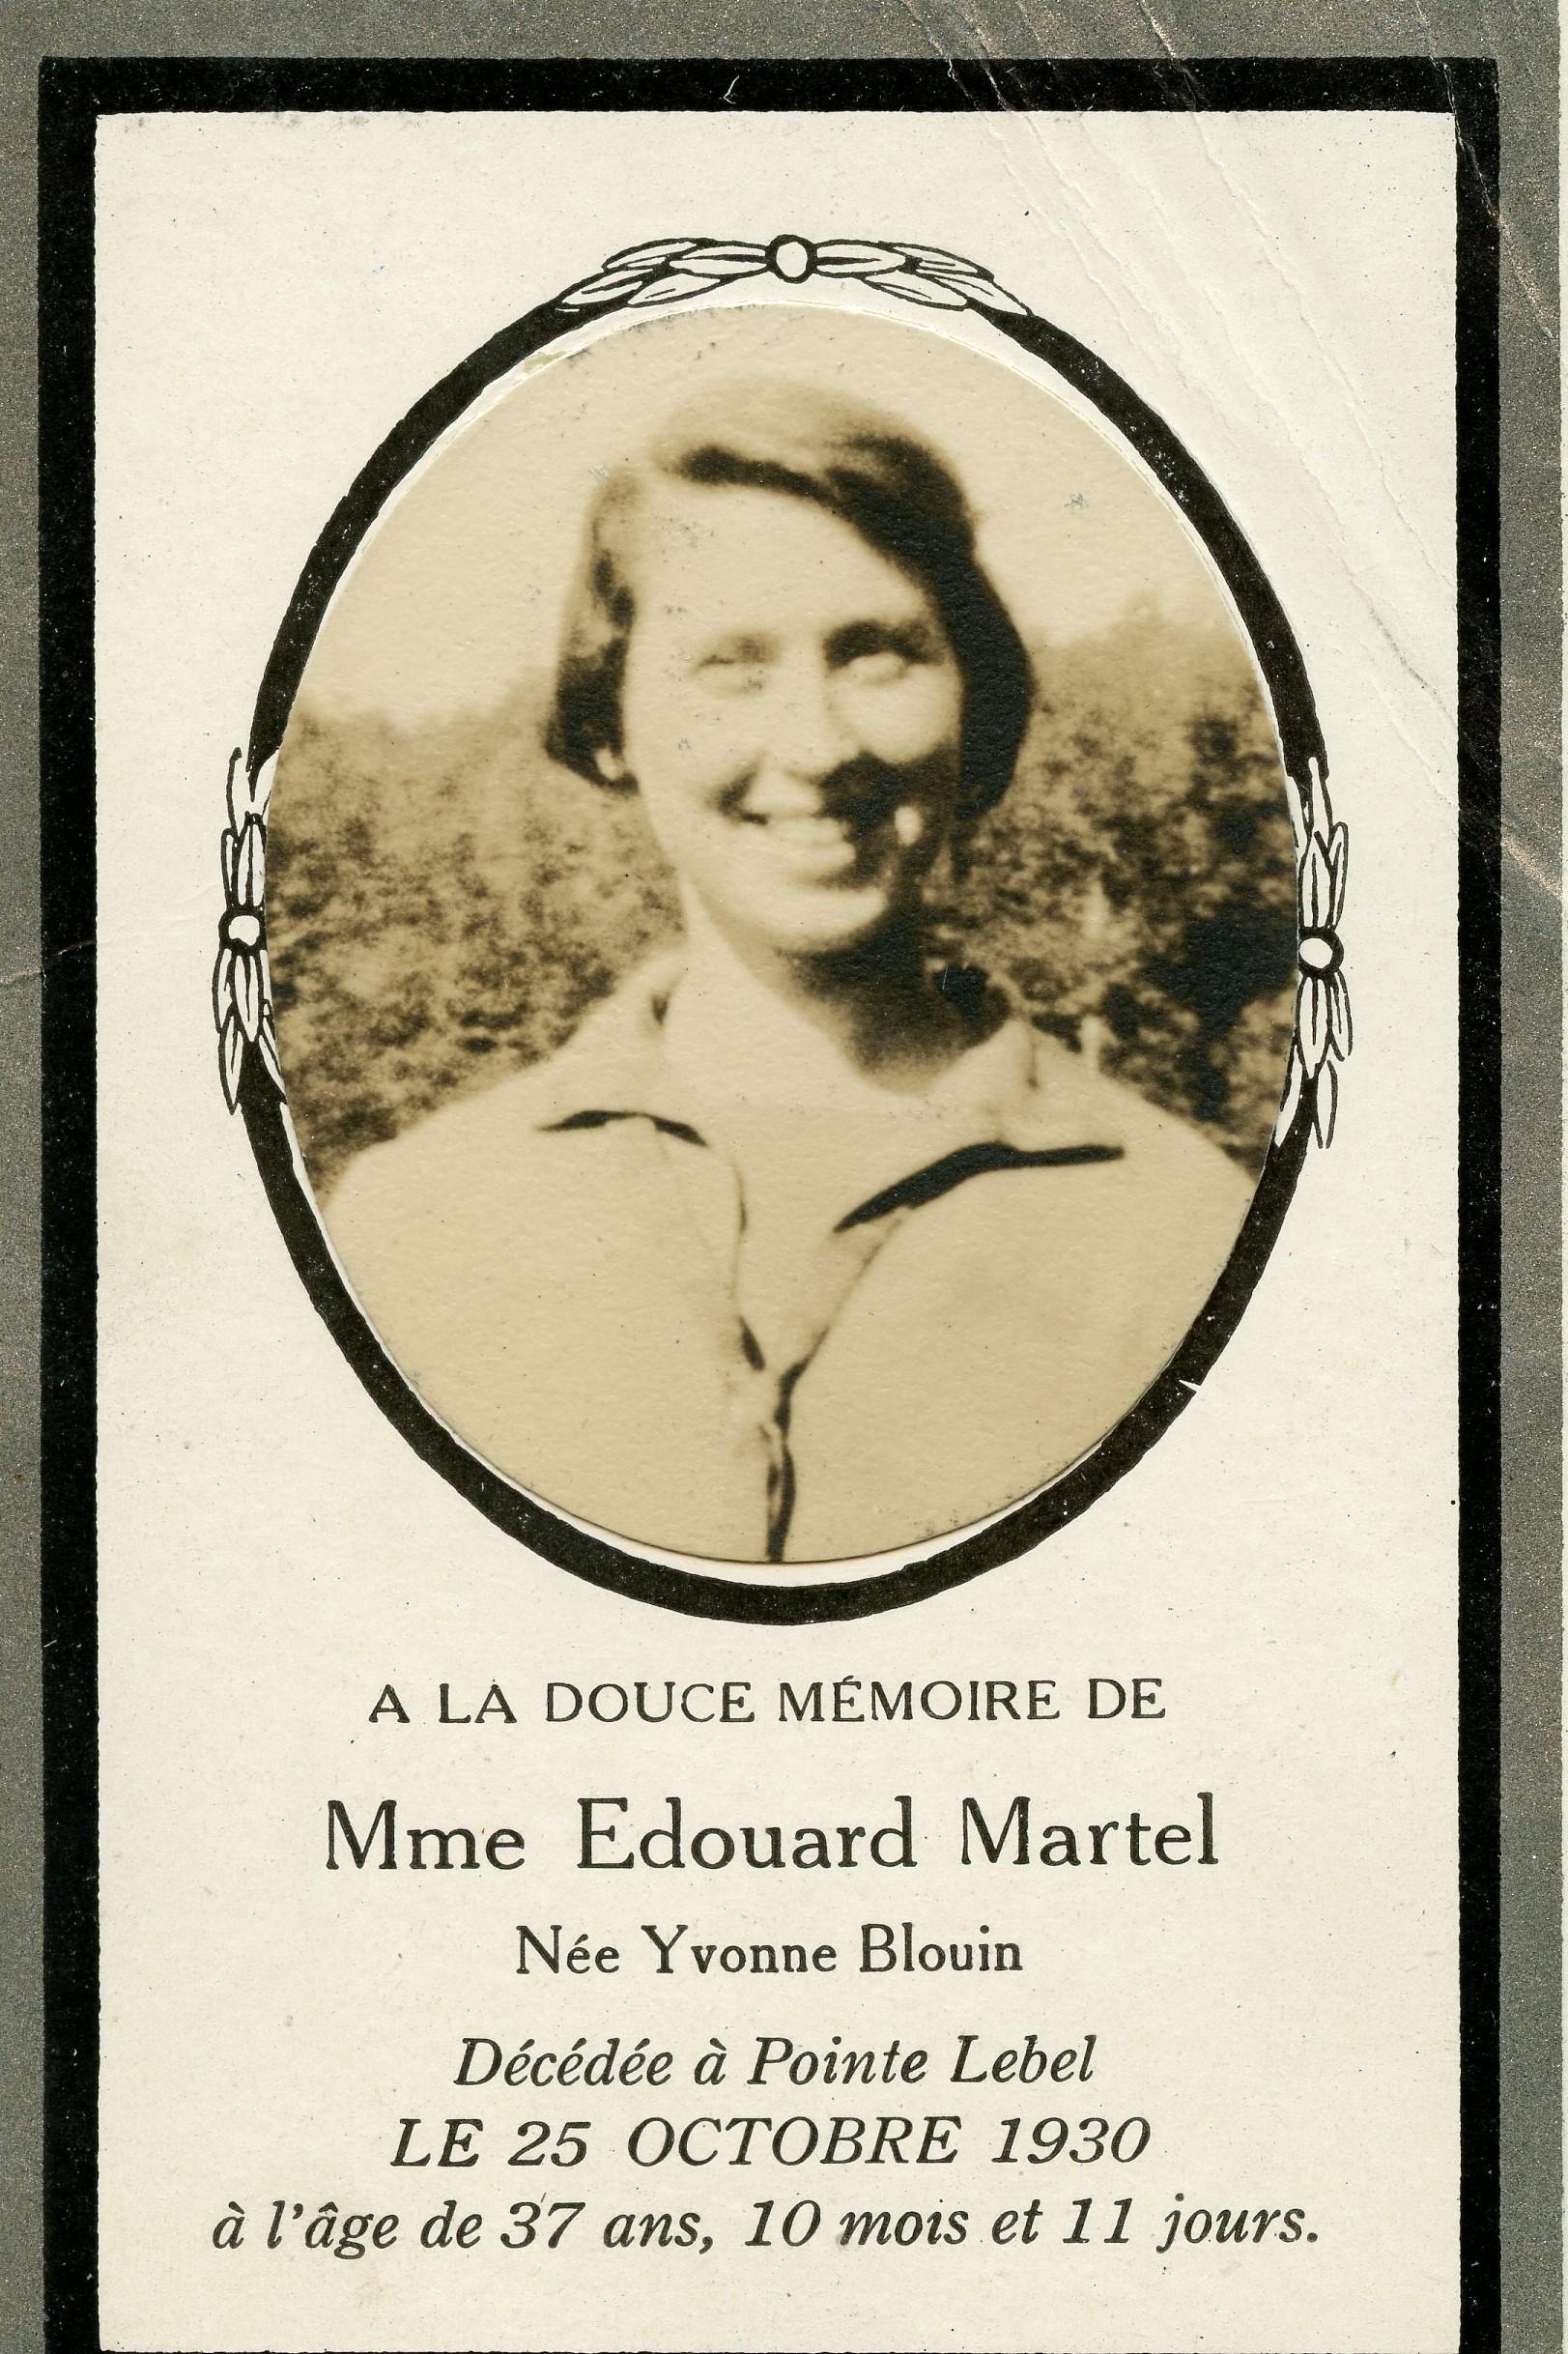 Yvonne Blouin 1993-1930